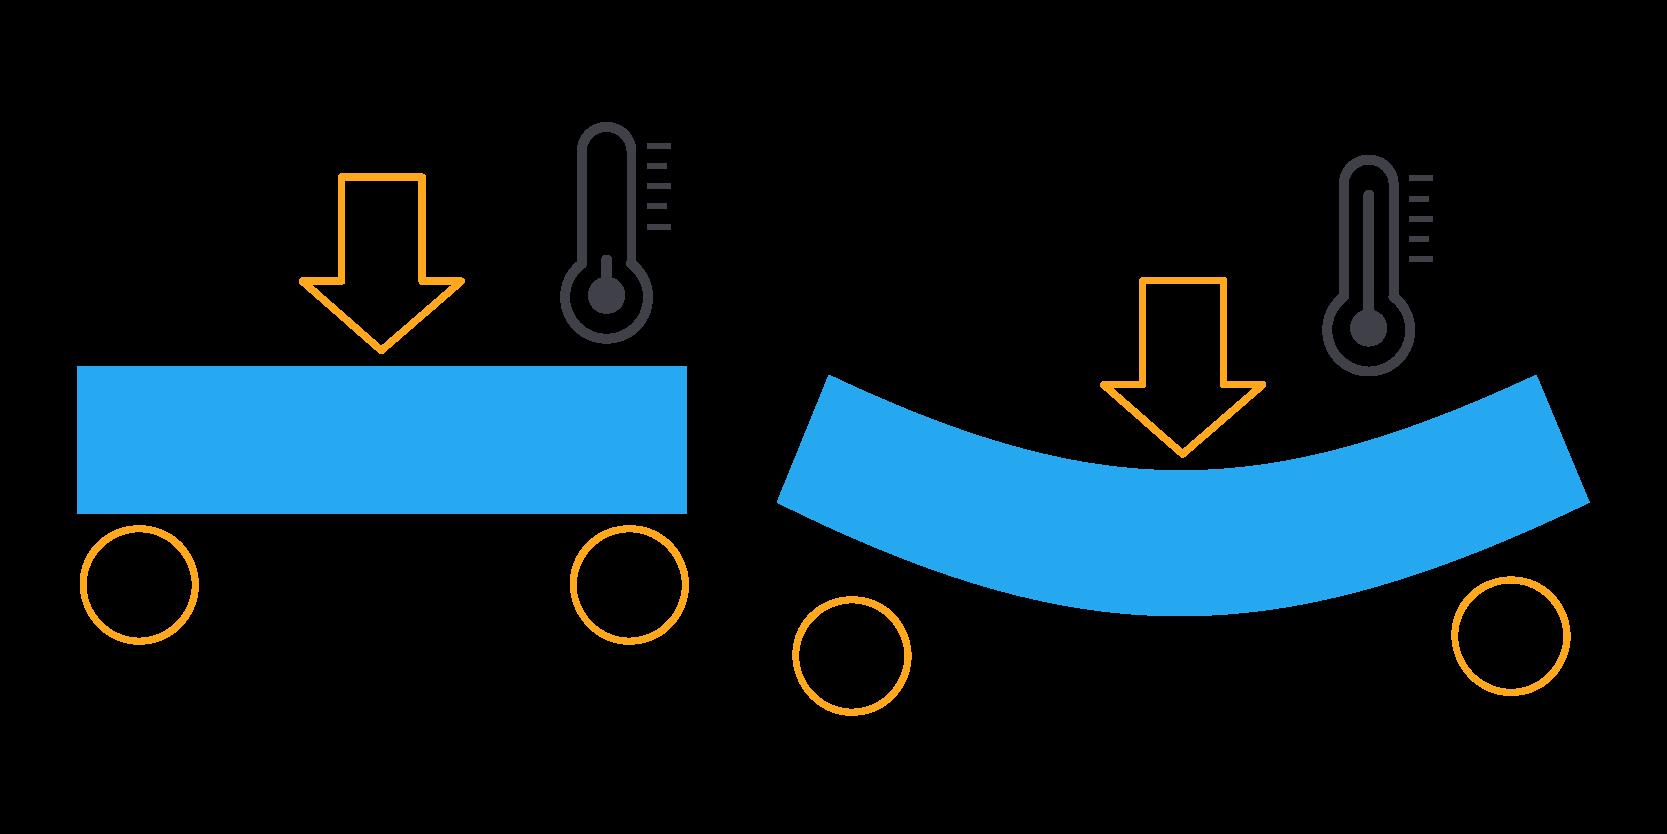 Die Wärmeformbeständigkeitstemperatur (HDT) ist die Temperatur, bei der sich ein Material unter einer bestimmten Last verformt.